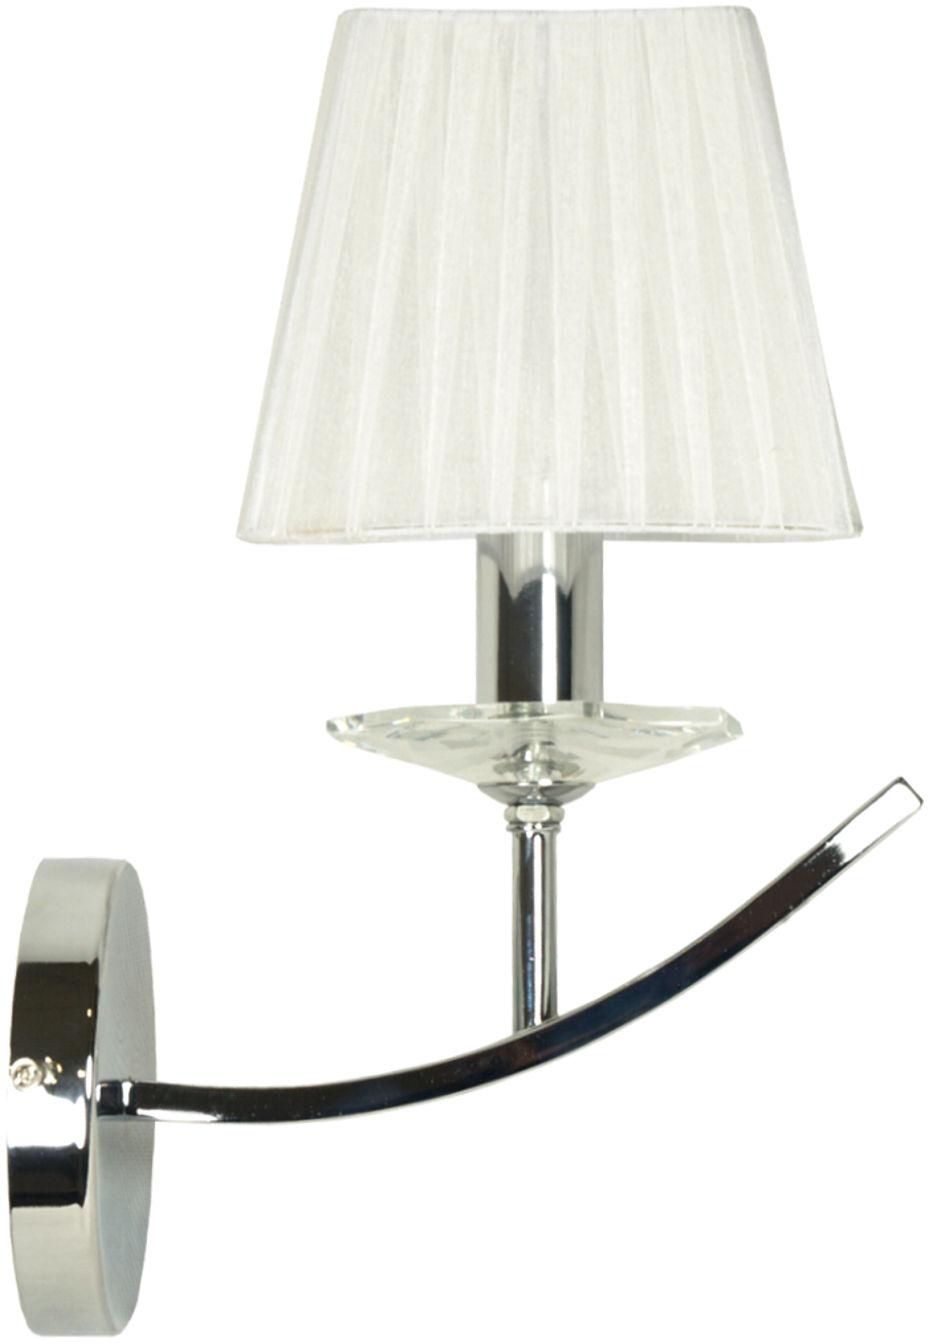 Candellux VALENCIA 21-84418 kinkiet lampa ścienna abażur chrom biały 1X40W E14 CHROM 15cm